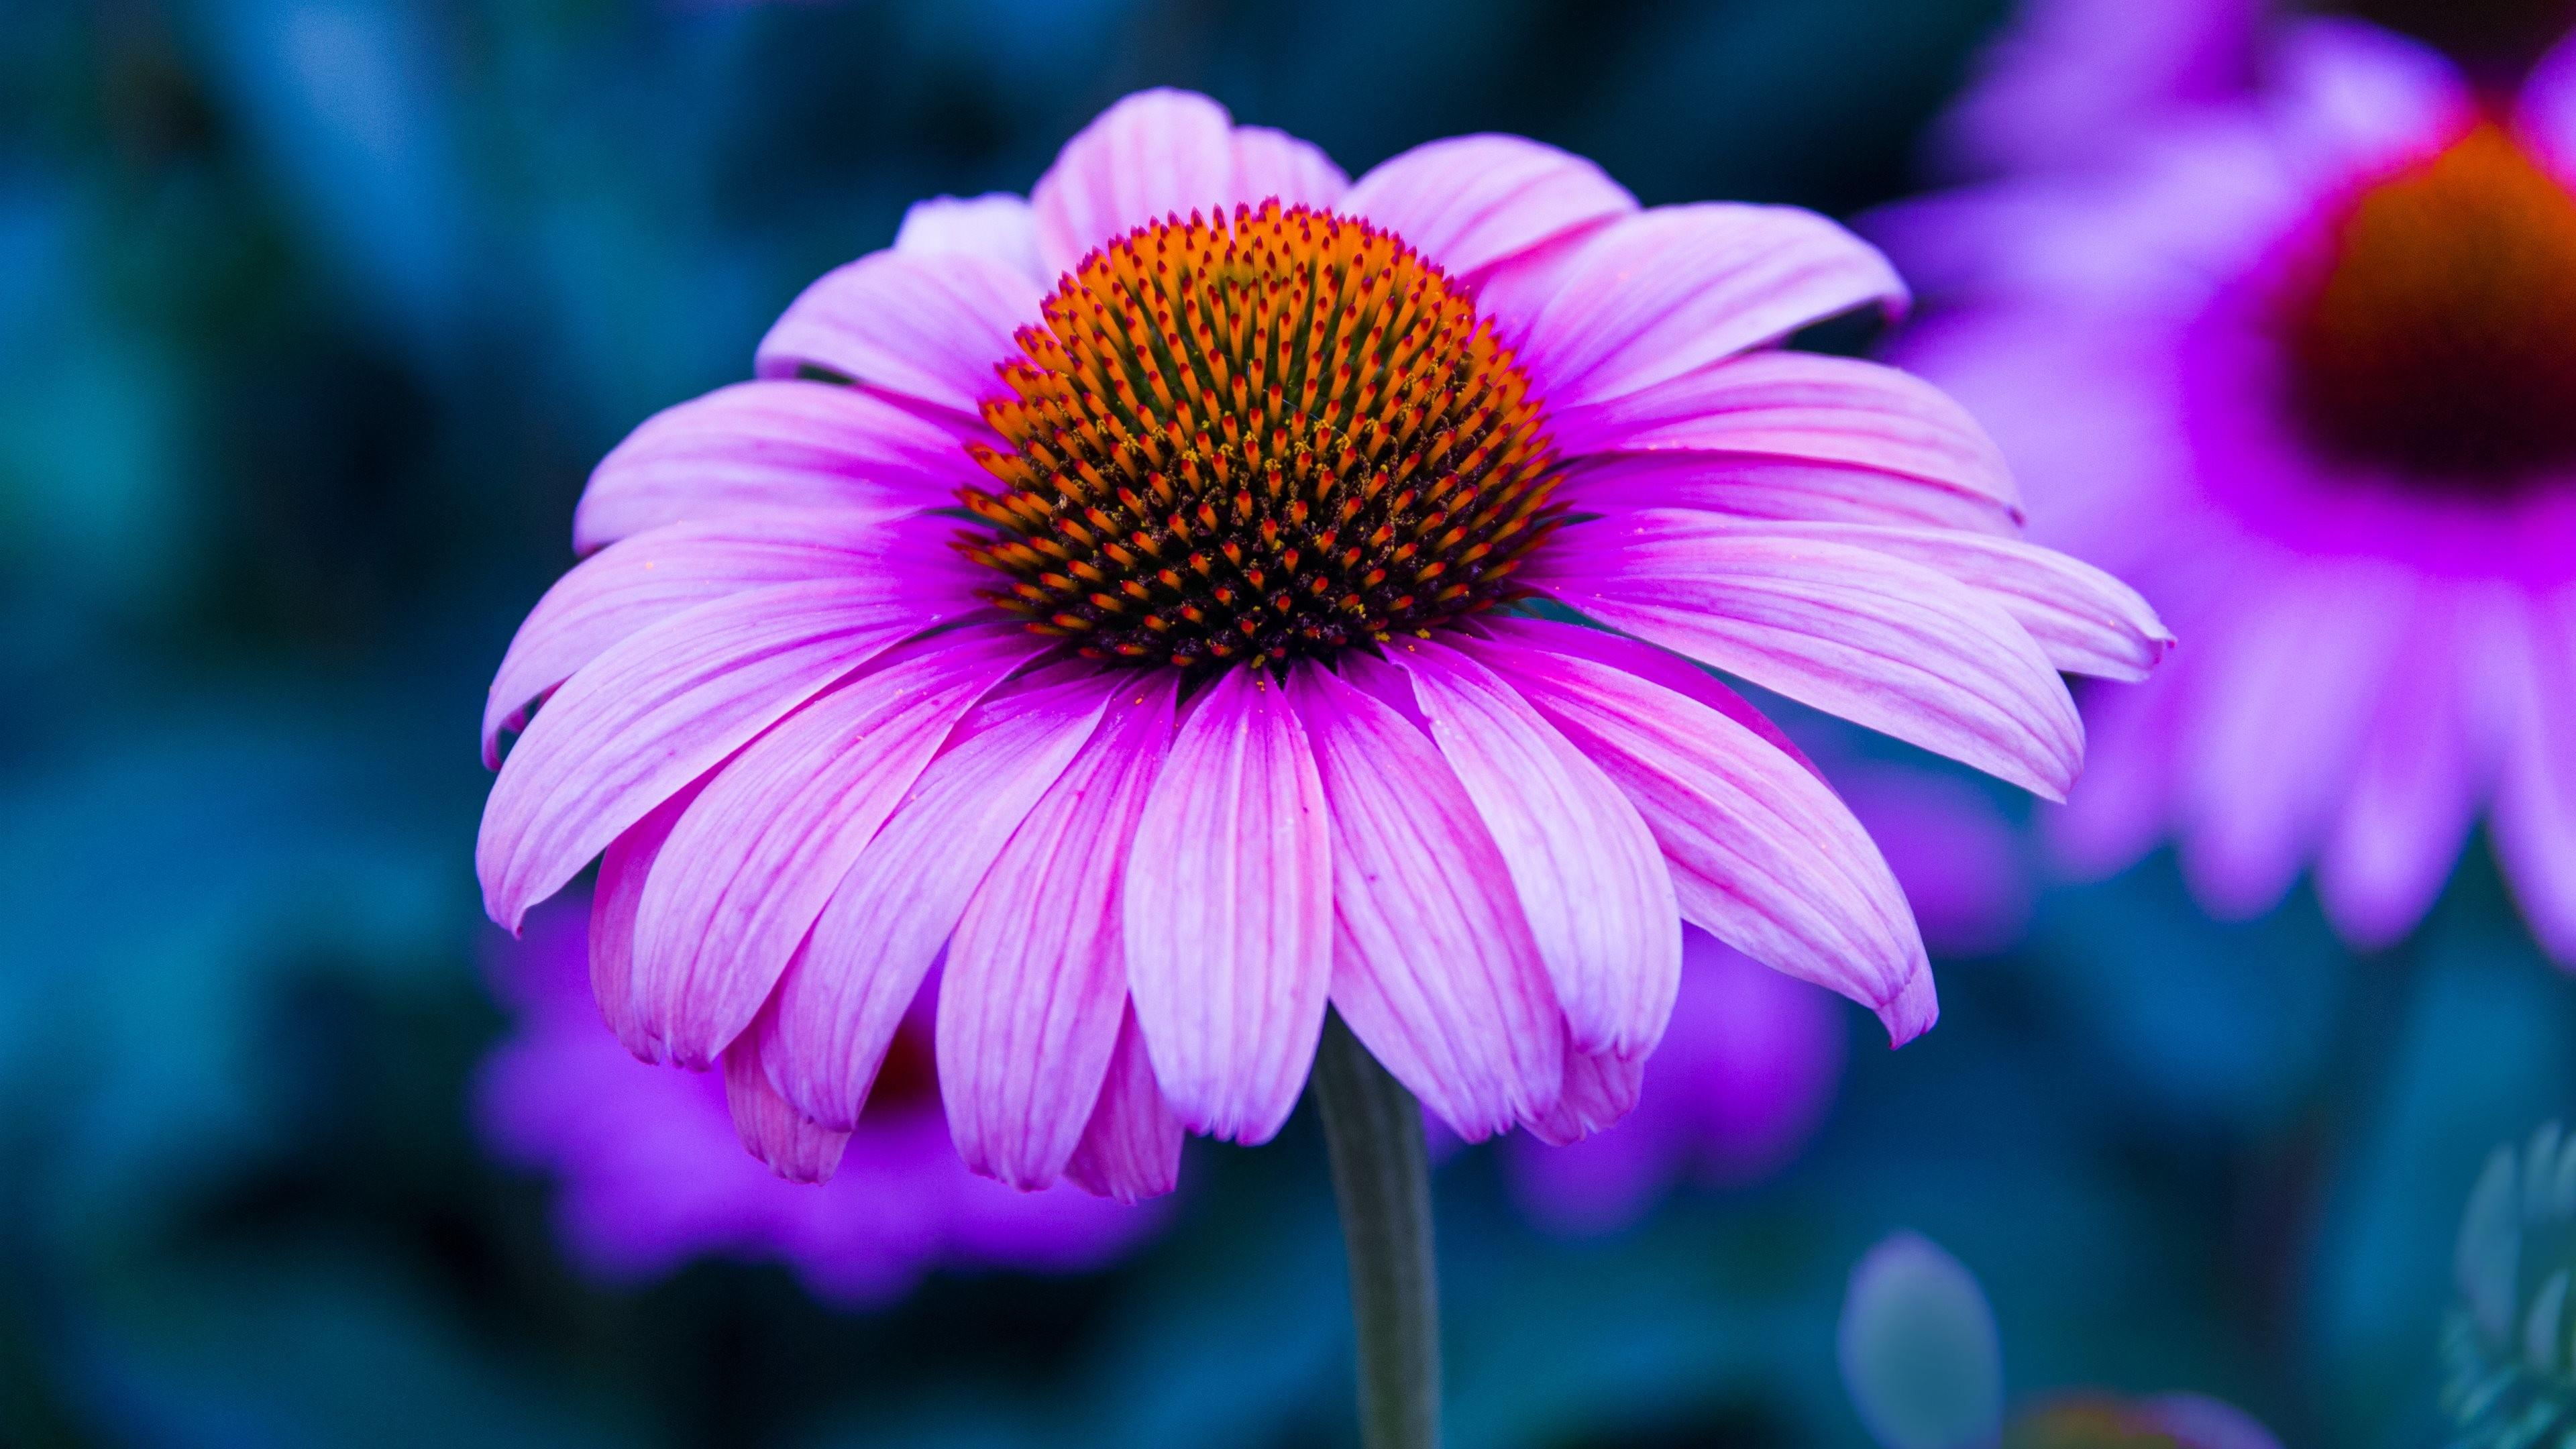 Sfondi con fiori 45 immagini for Sfondi pc 4k